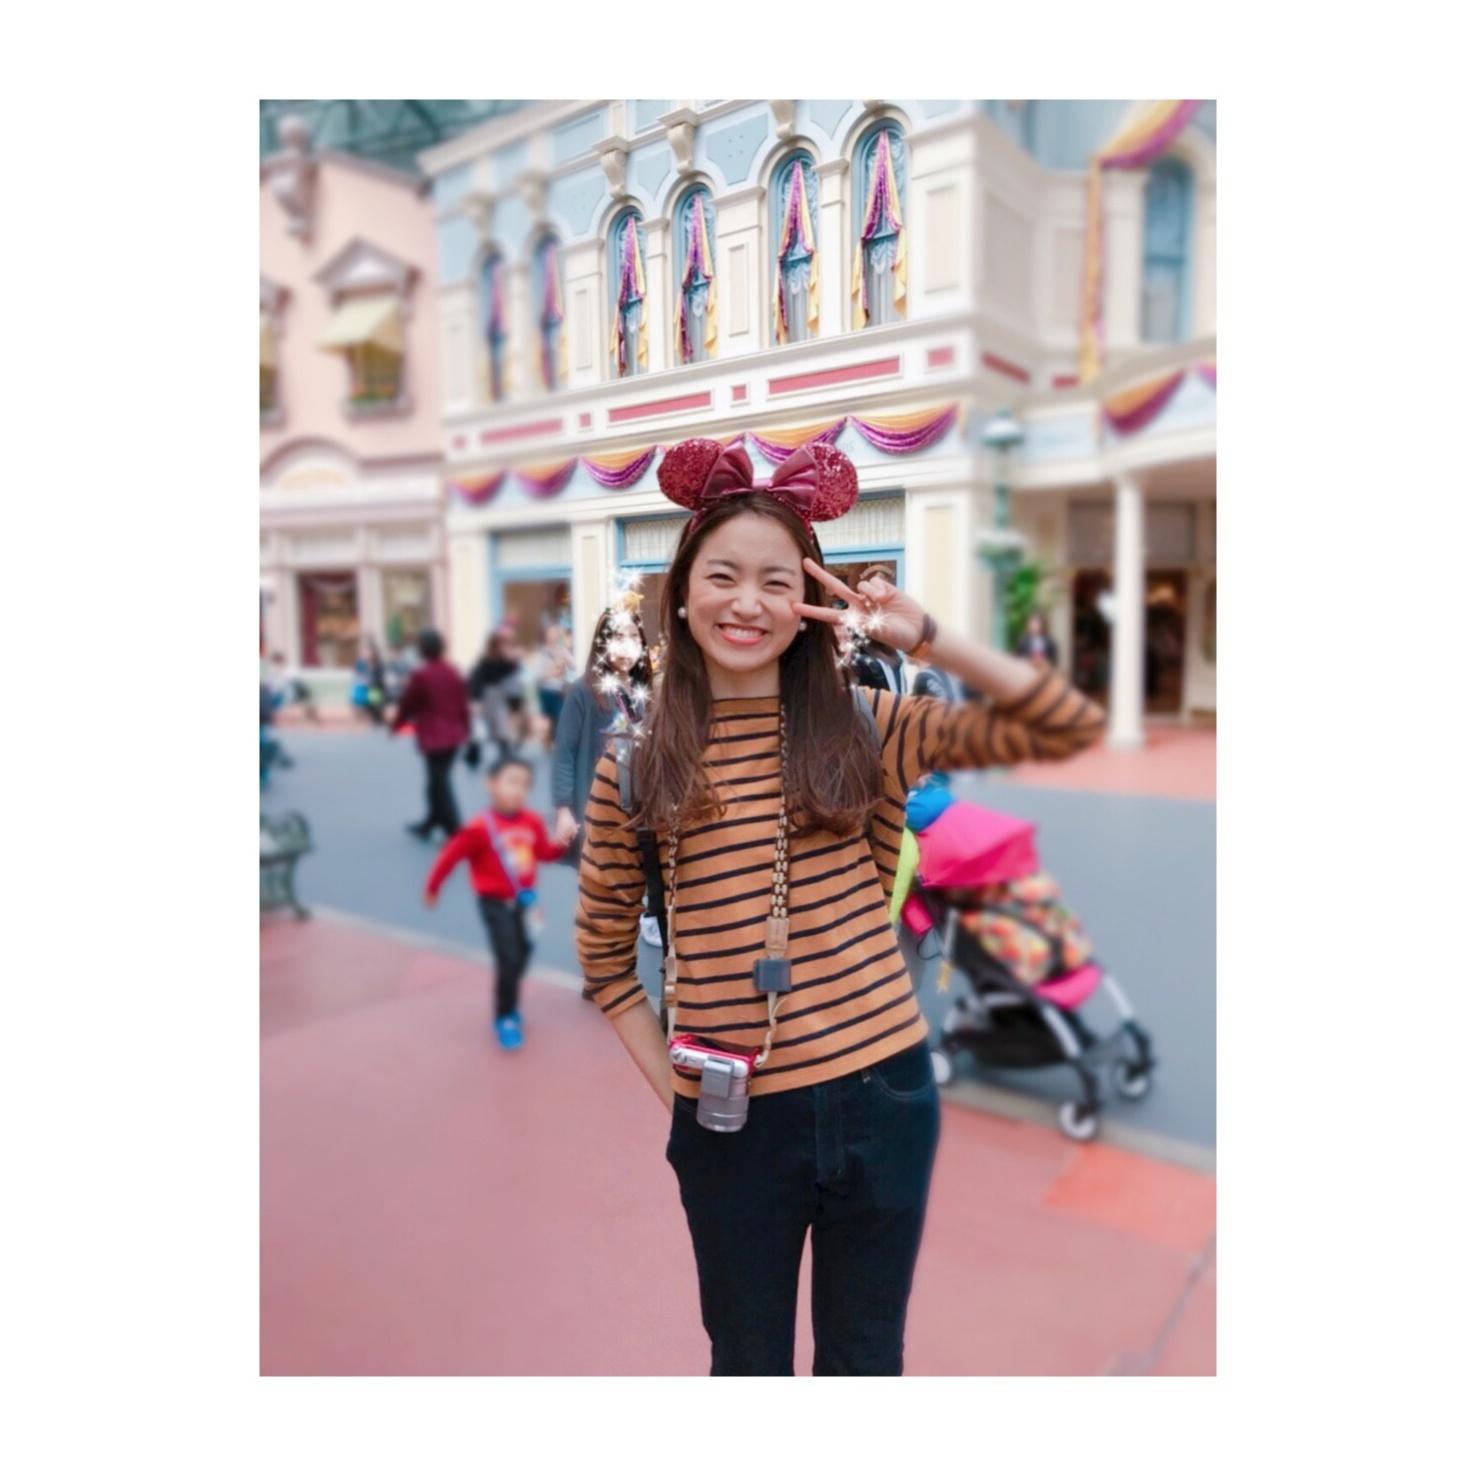 《絶対ほしい!》TDLで大人気★ピンクスパンコールの新作【ミニーちゃんカチューシャ】が可愛い❤️❤️_2